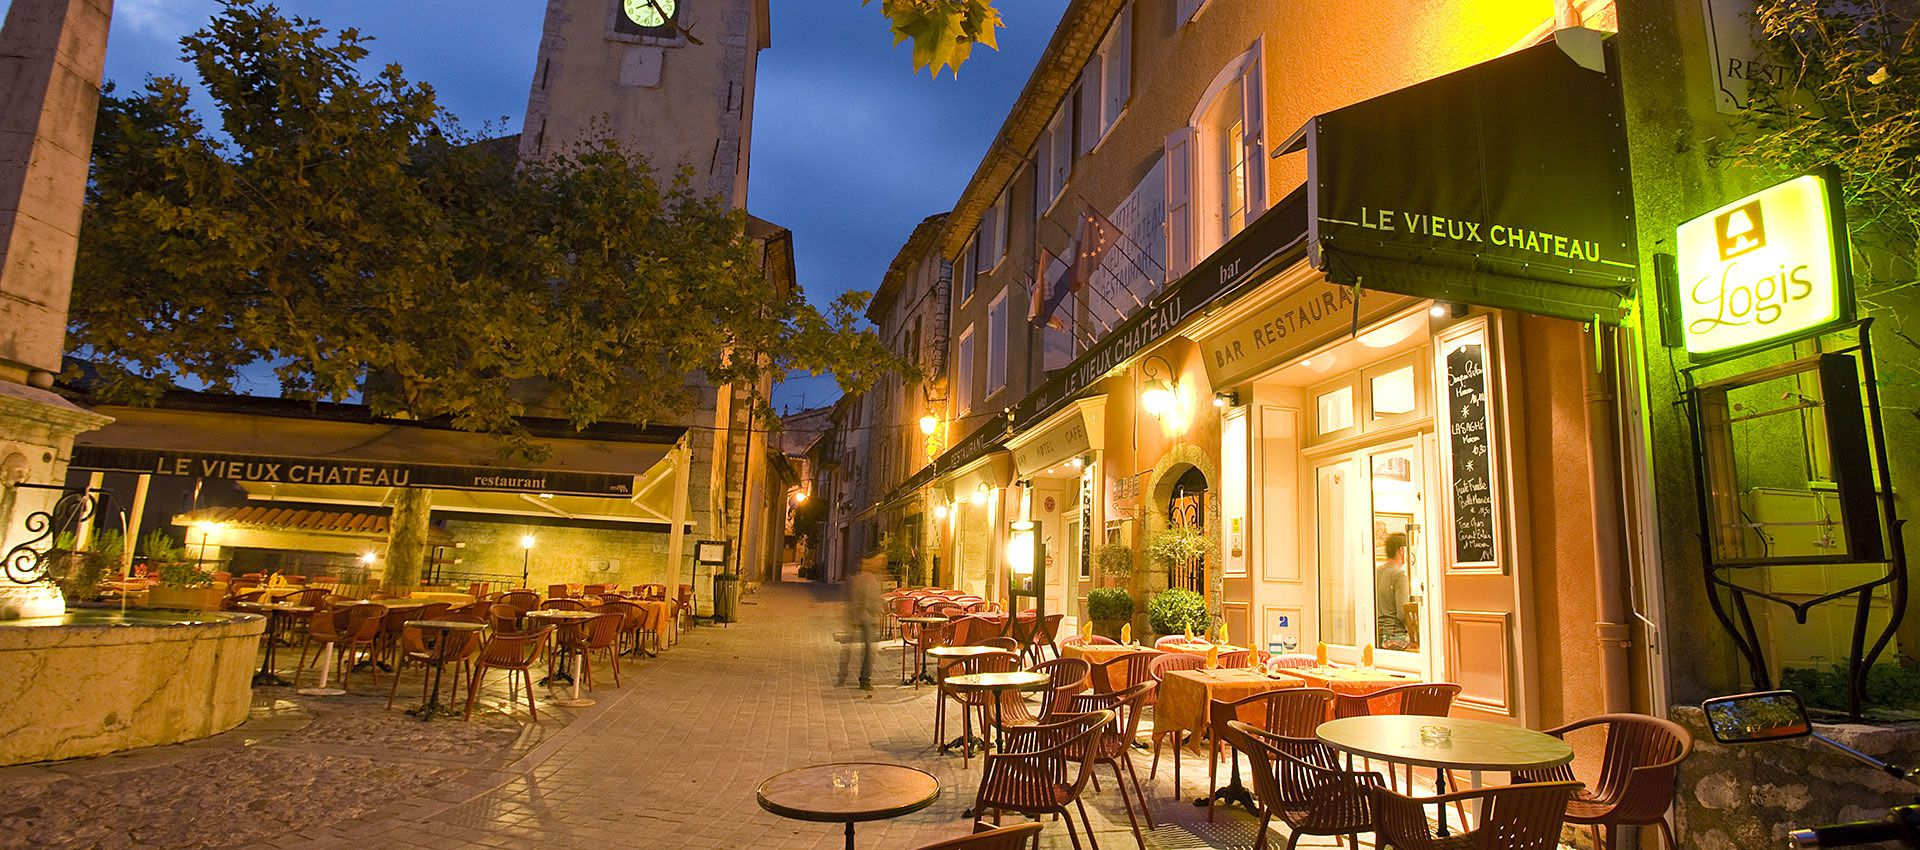 hotel-restaurant-aiguines-verdon-5